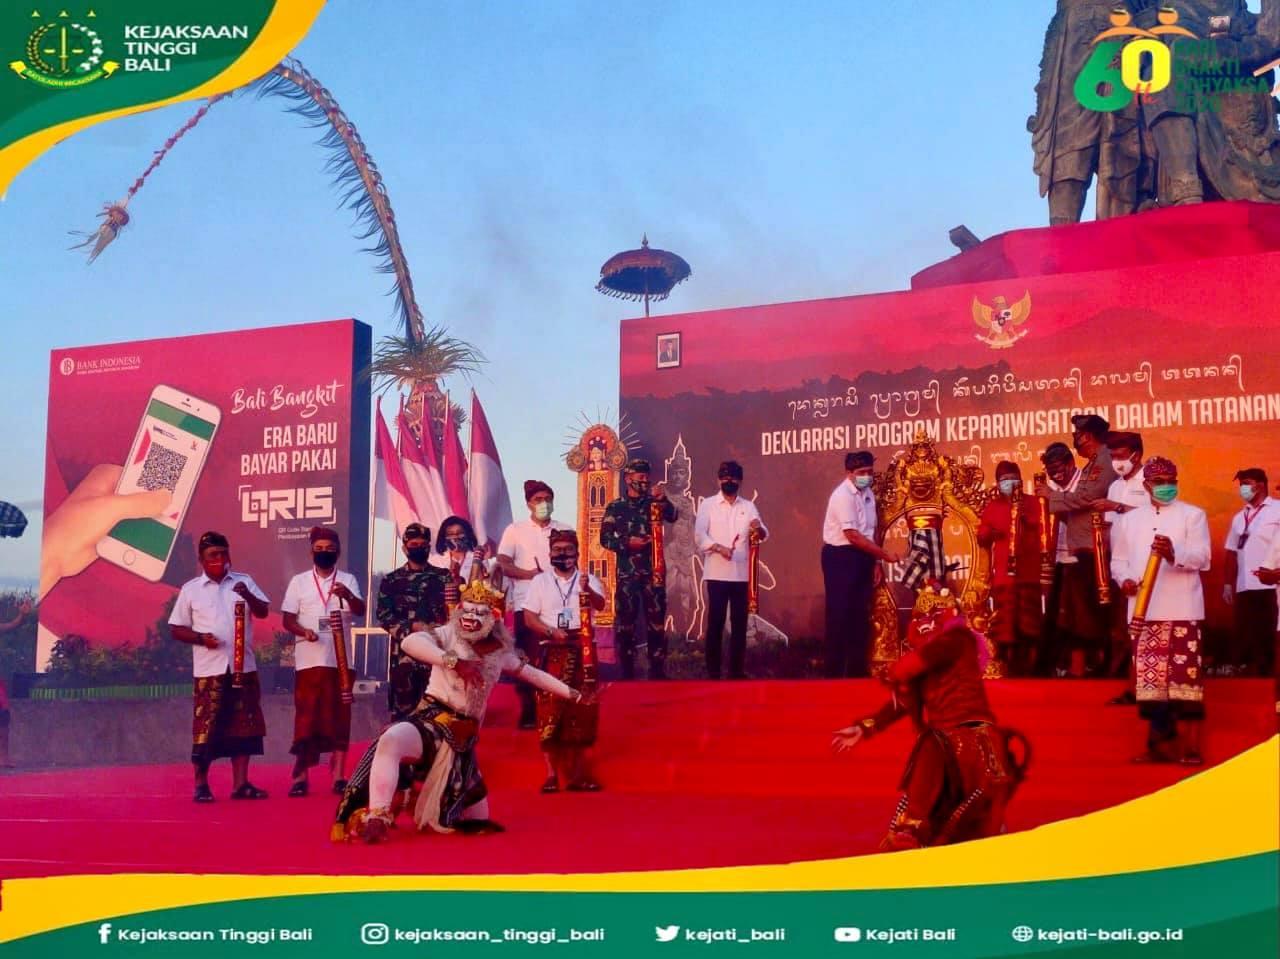 Kepala Kejaksaan Tinggi Bali Erbagtyo Rohan, S.H., M.H. menghadiri kegiatan deklarasi Program Kepariwisataan dalam Tatanan Kehidupan Bali Era Baru, Digitalisasi Pariwisata Berbasis QRIS